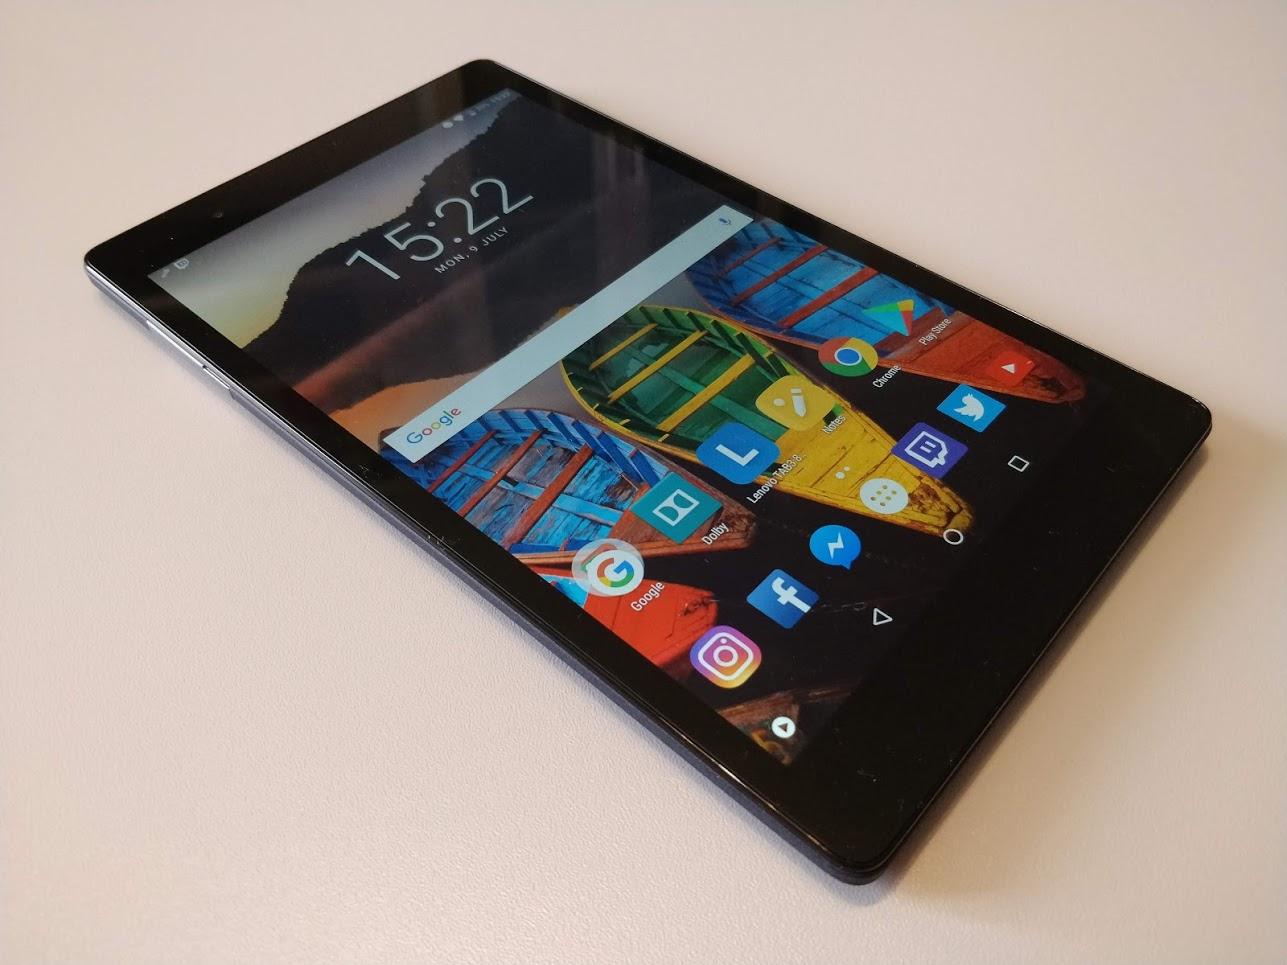 Lenovo-P8-Android-tablet-Tab3-8-Plus-16GB-3GB-10